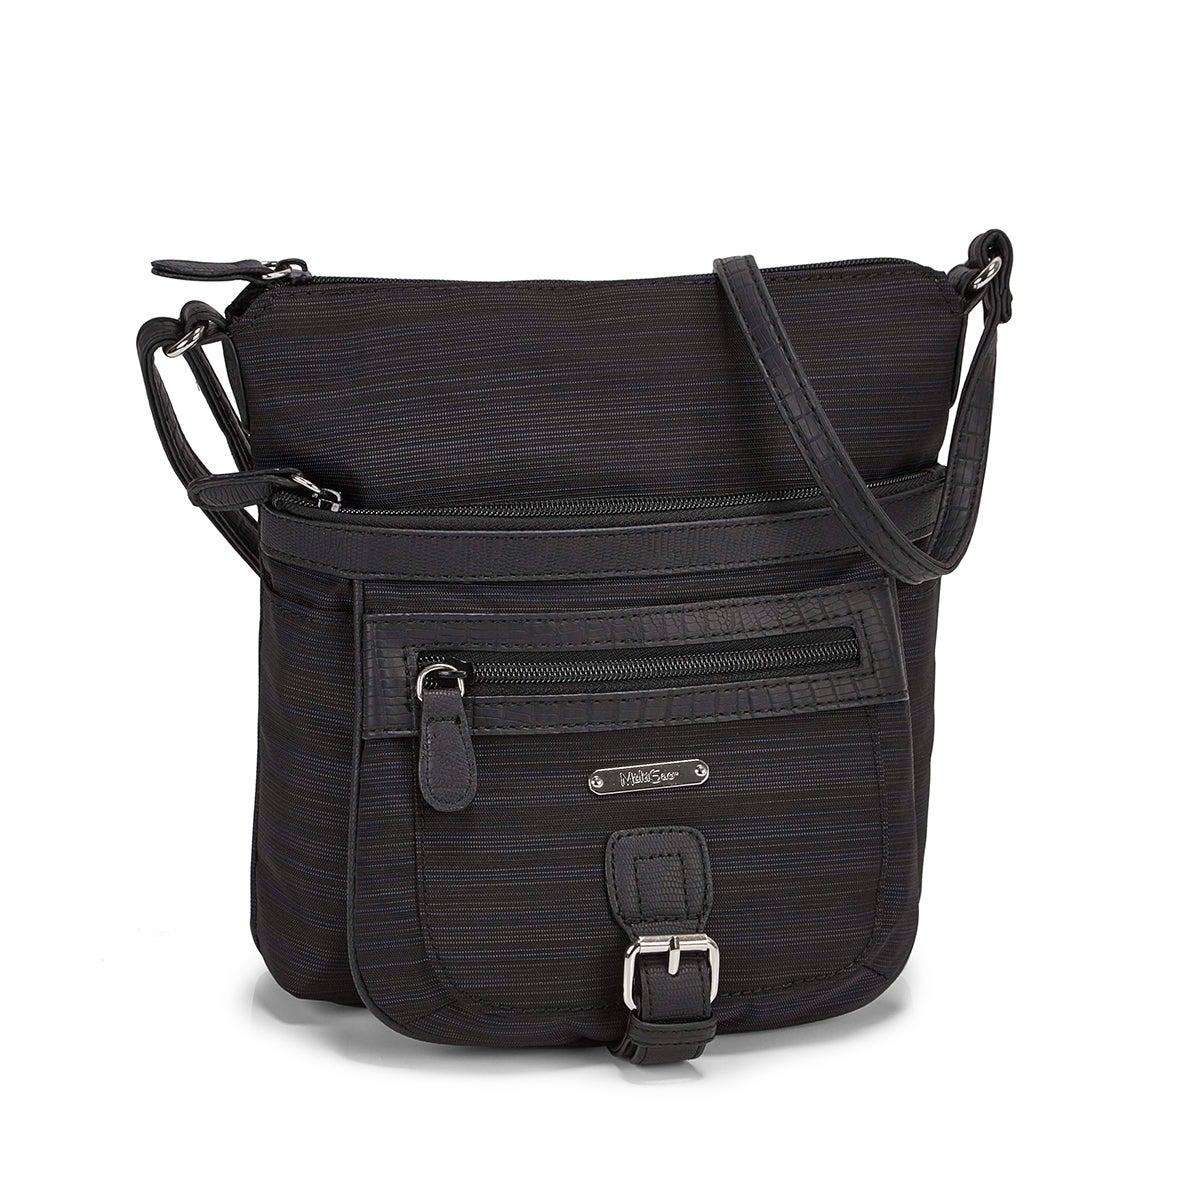 Women's black top zip crossbody bag